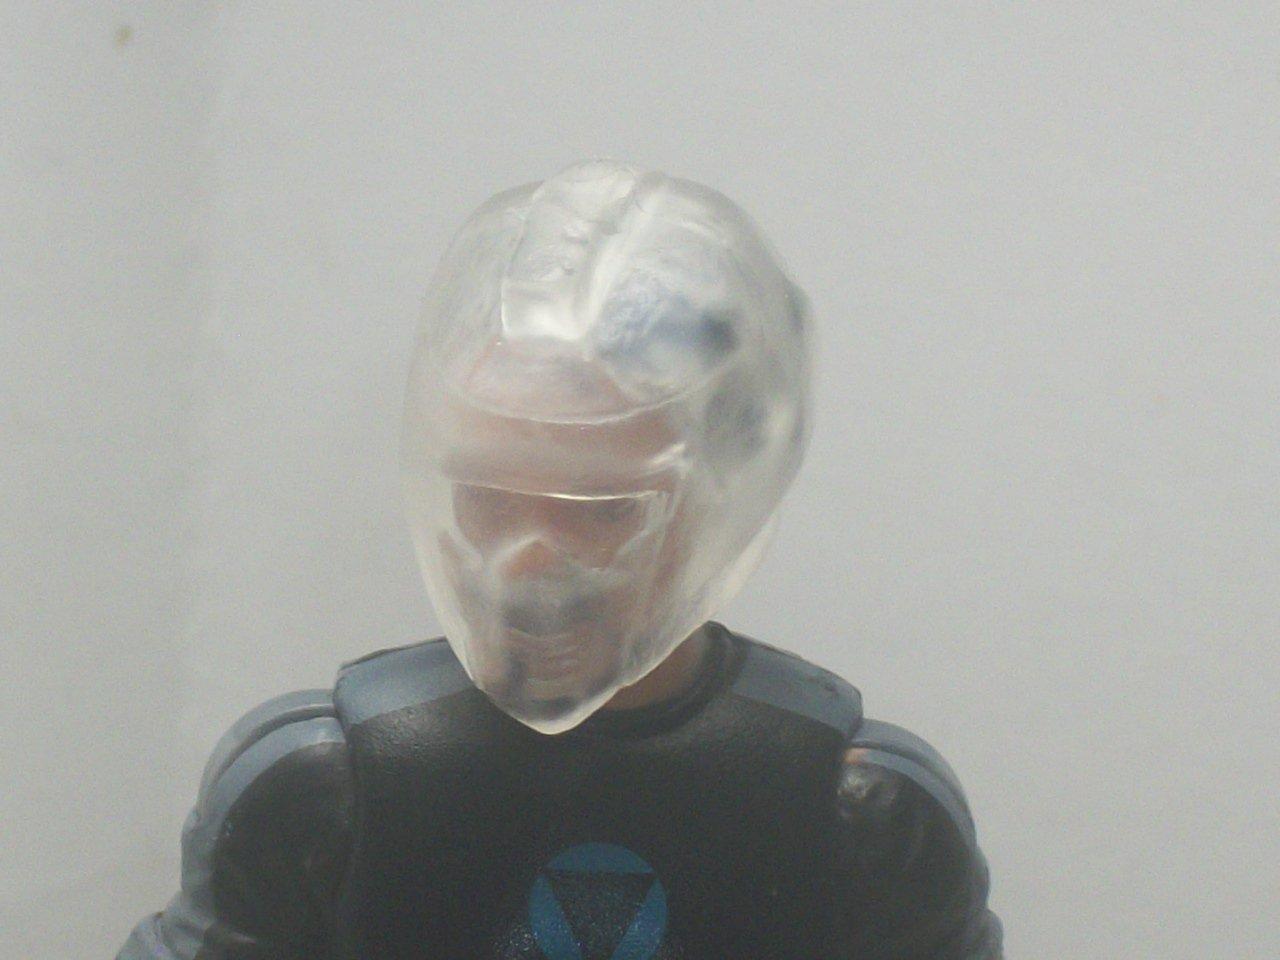 Resurgence helmet